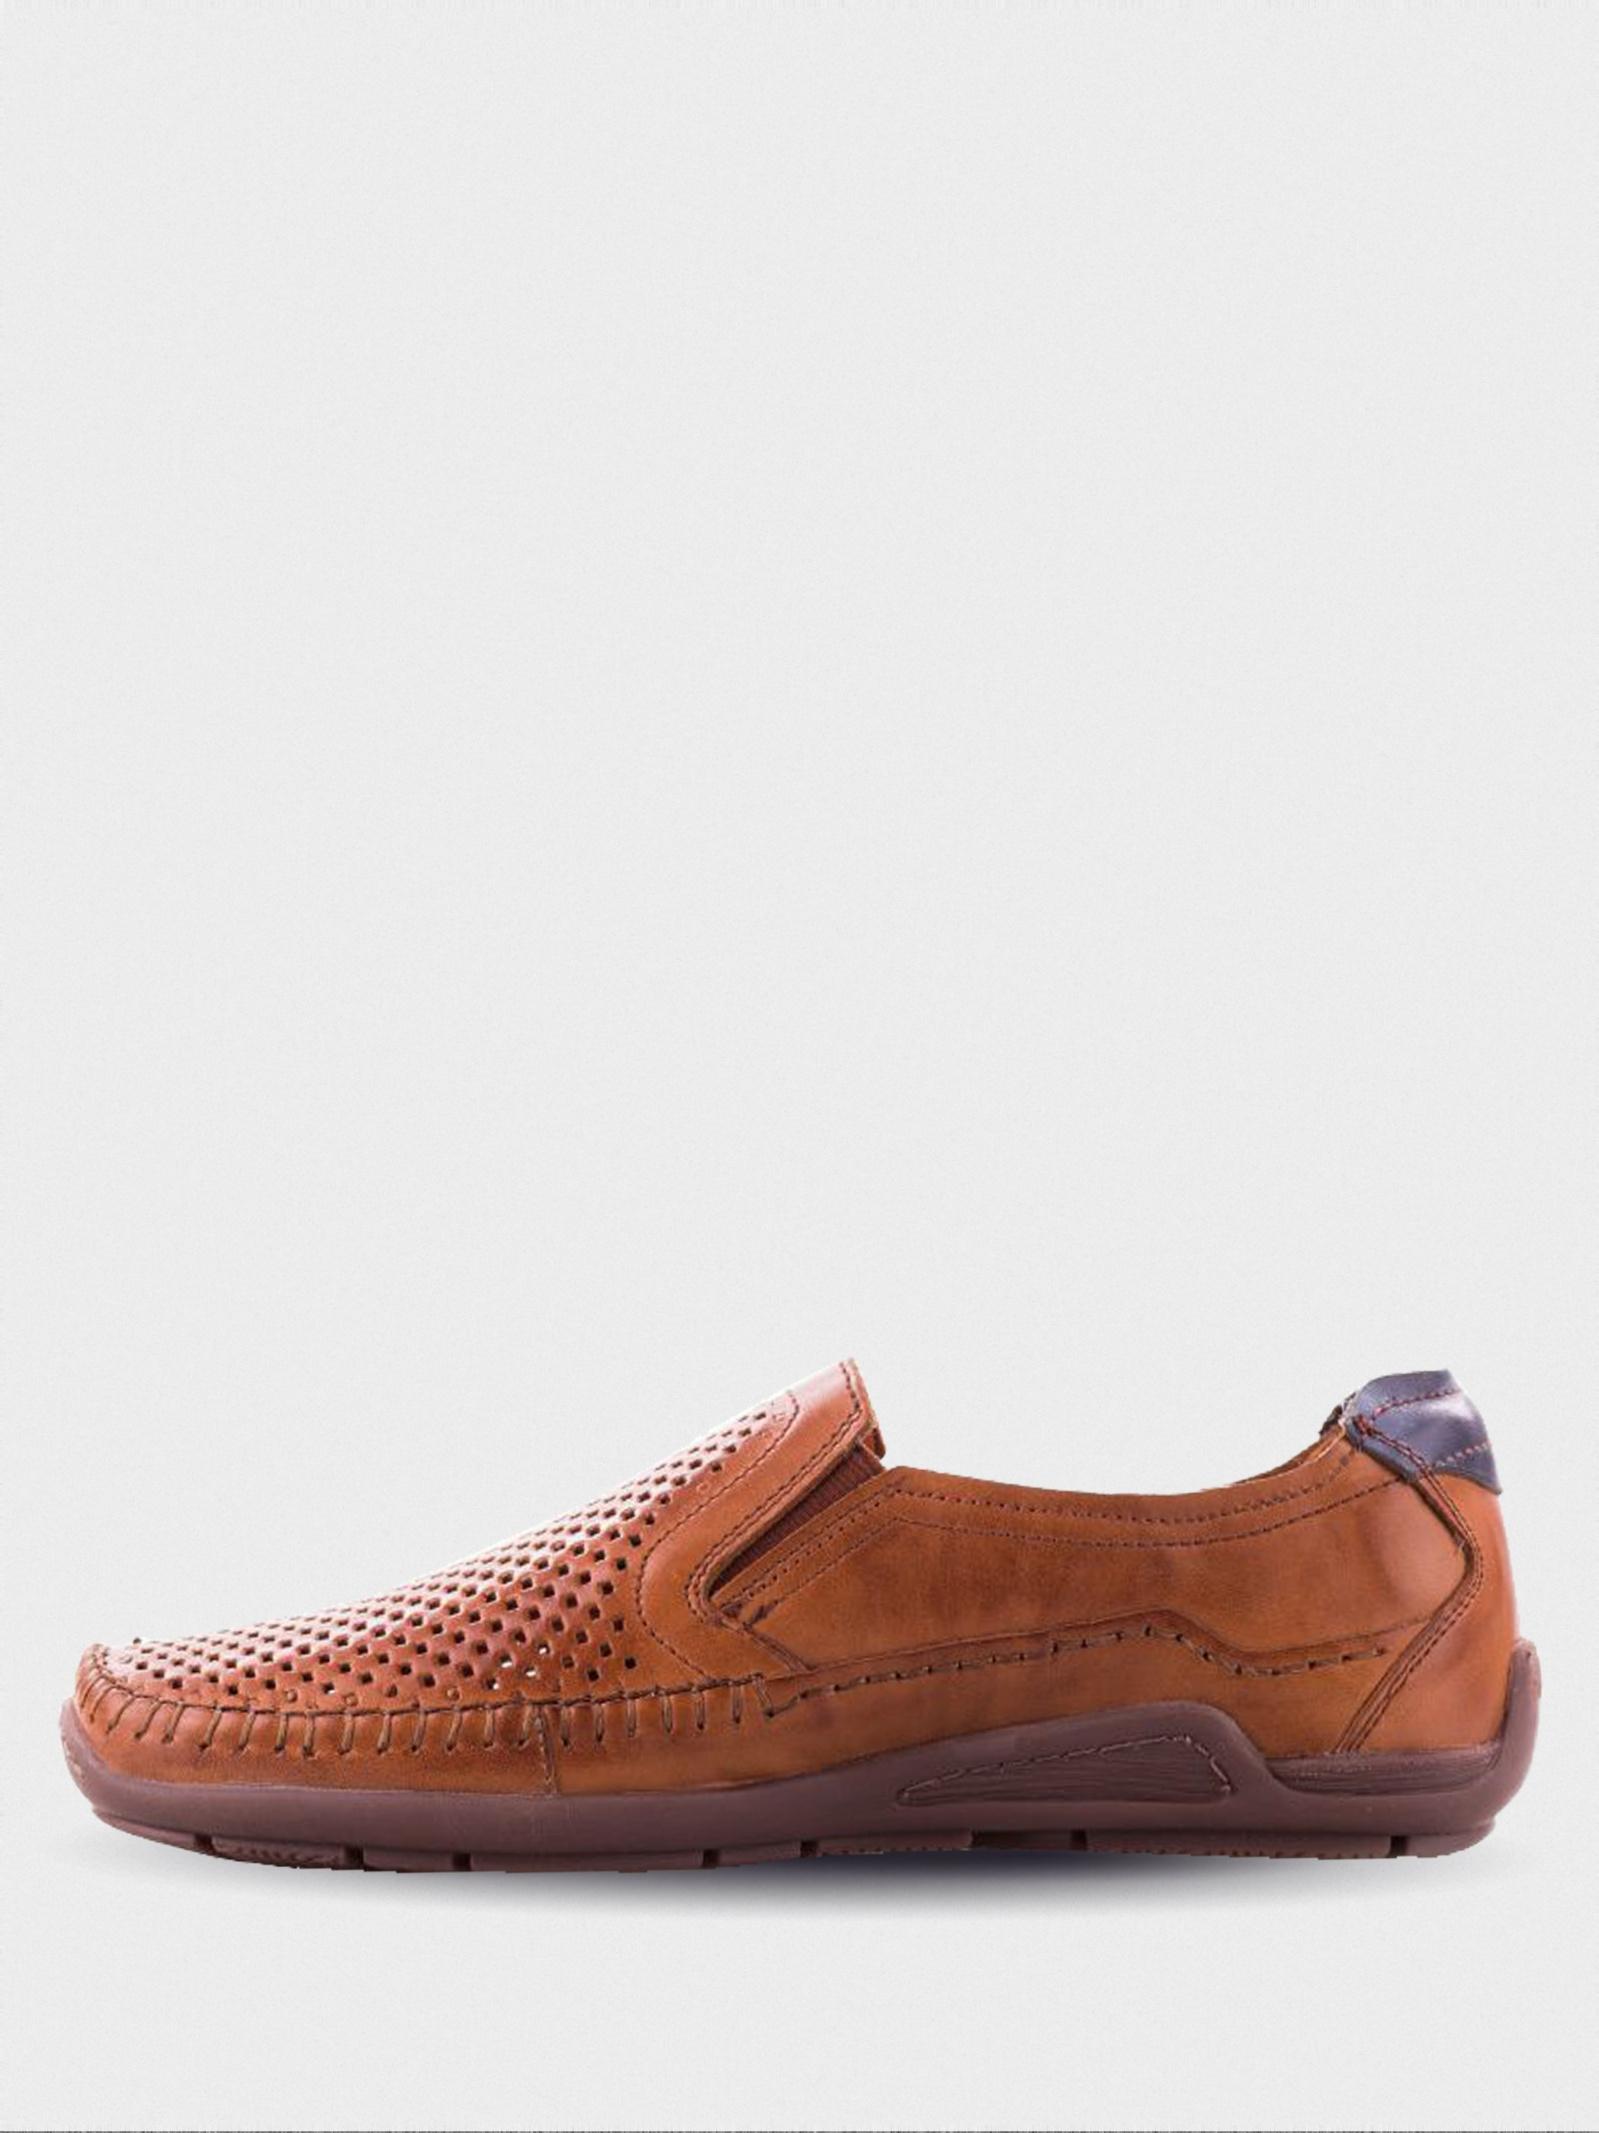 Полуботинки мужские PIKOLINOS AZORES SH244 купить обувь, 2017